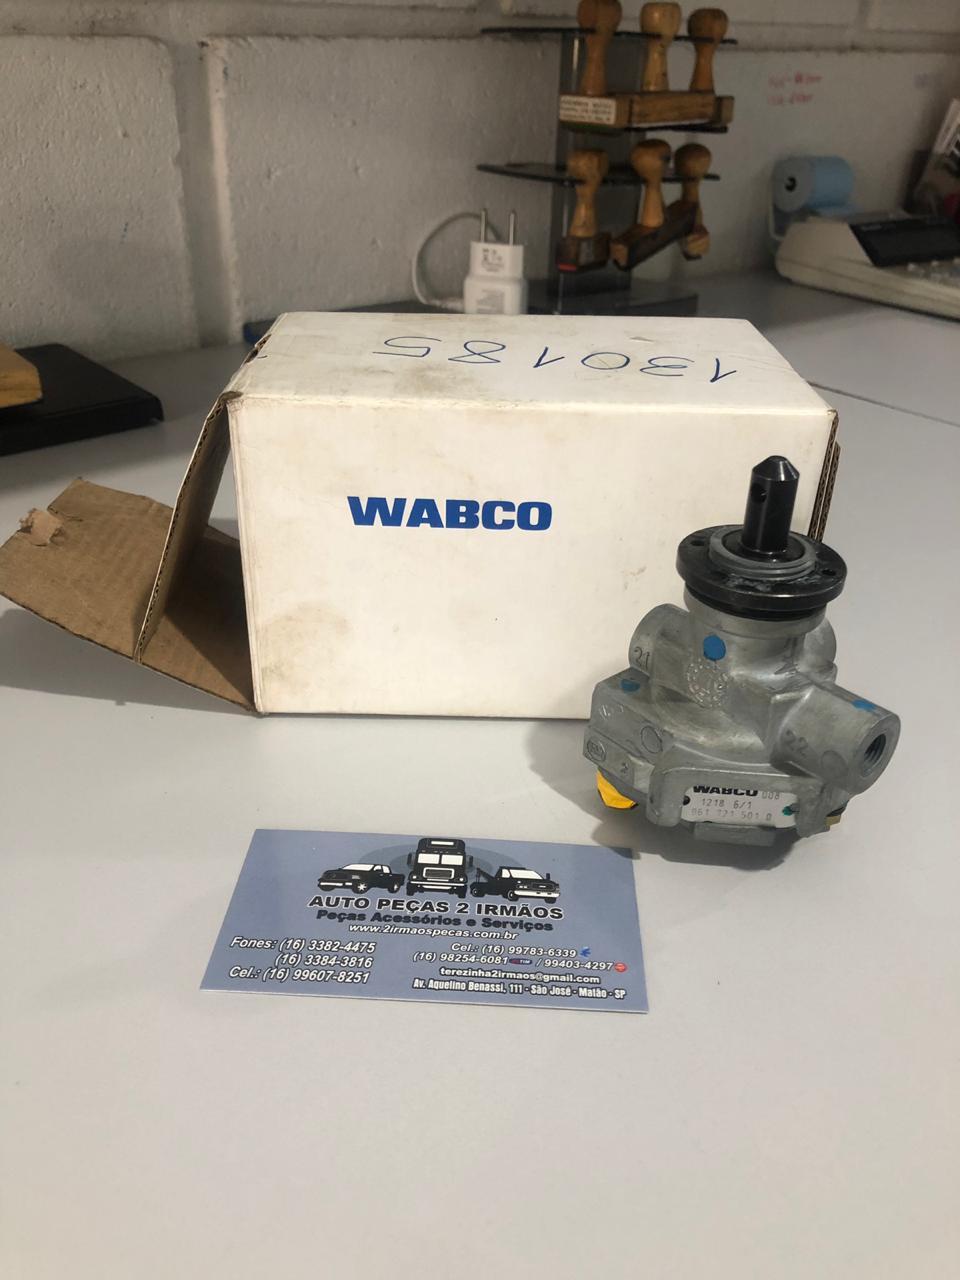 VALVULA DE FREIO DE MAO FORD CARGO/VW 9617215010 2RP607403